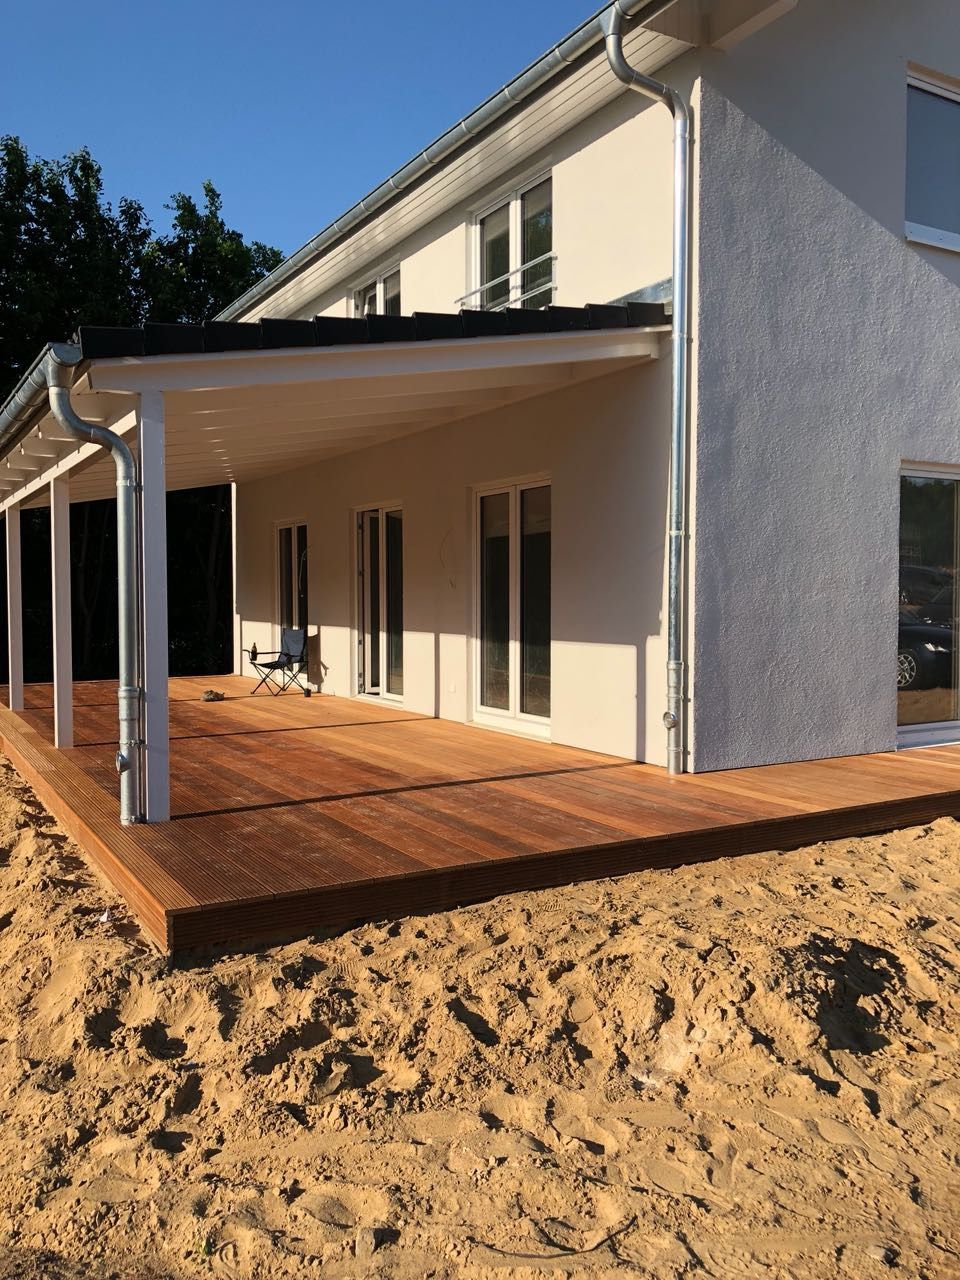 Carport Vordach Terrasse Oder Gartenhaus Contract Vario Uberdachung Terrasse Terrasse Uberdachung Holz Terrassenuberdachung